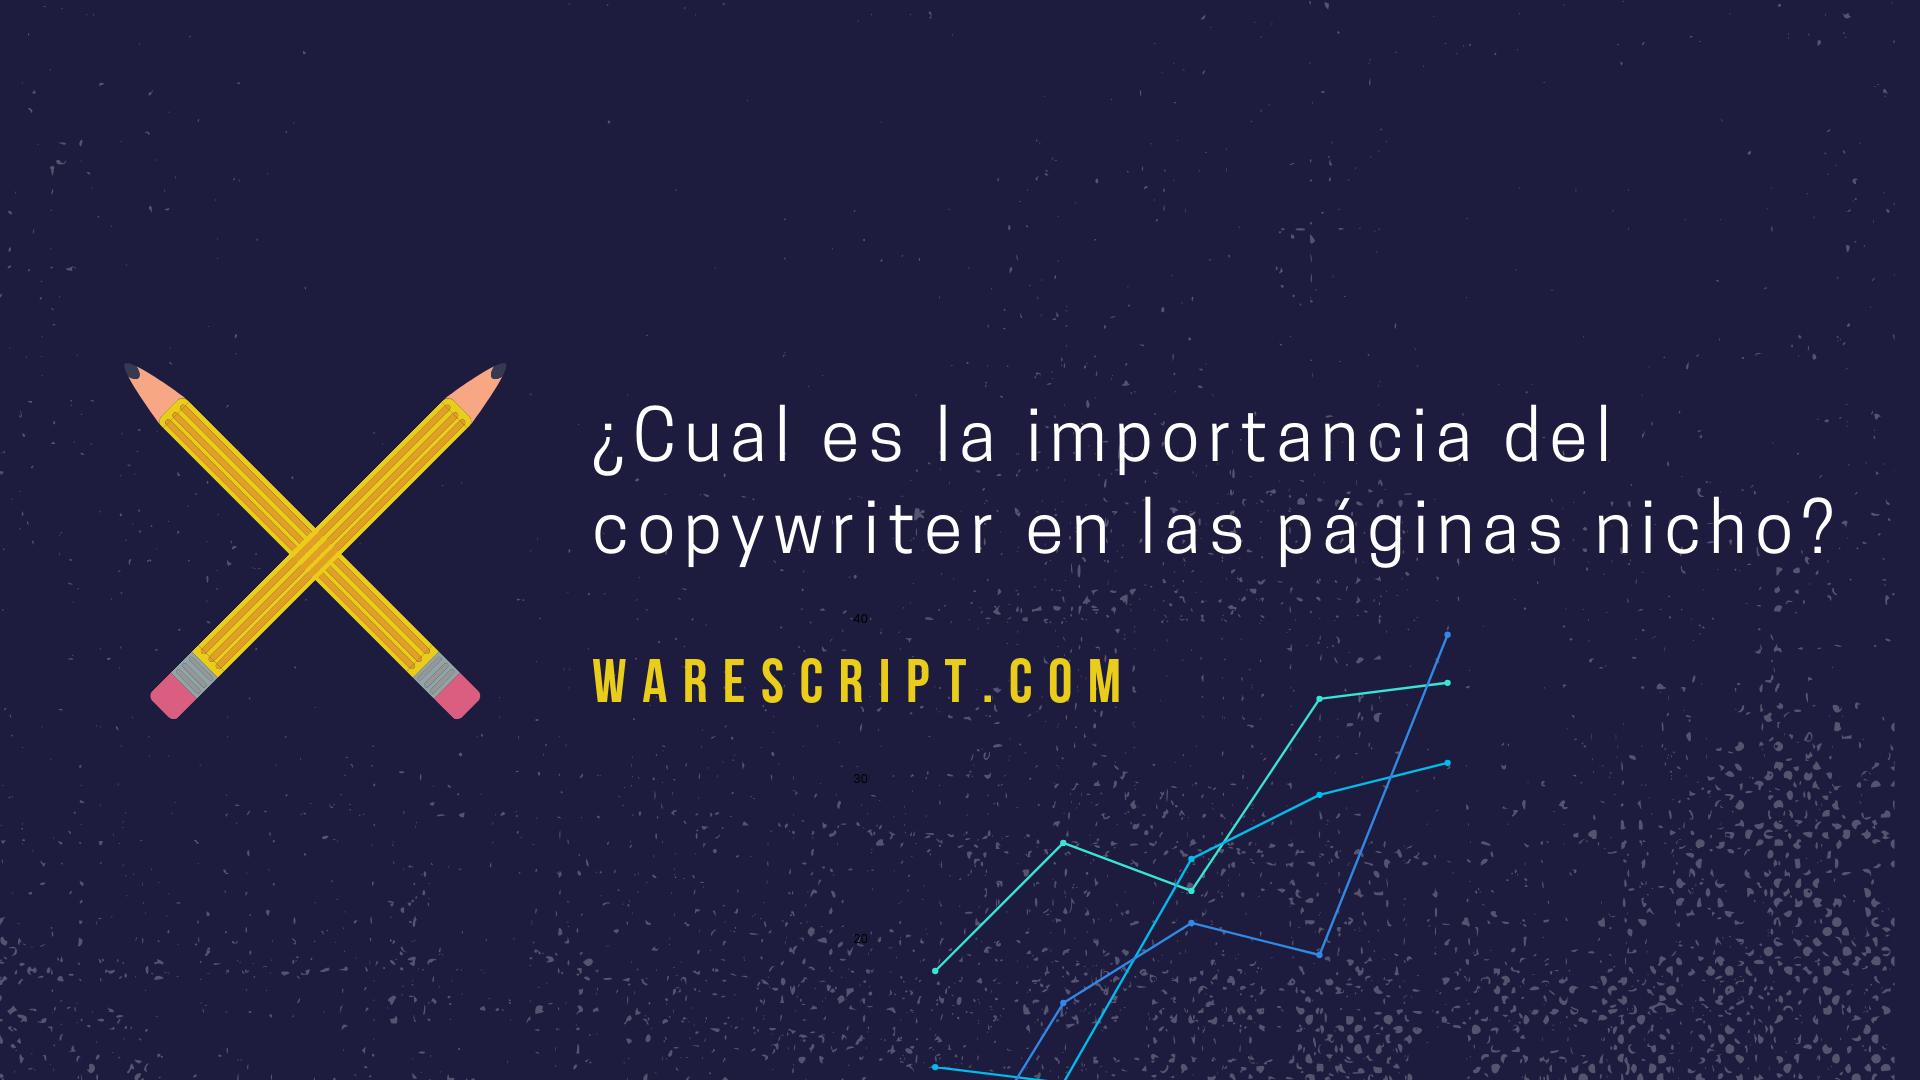 ¿Cual es la importancia del copywriter en las páginas nicho?